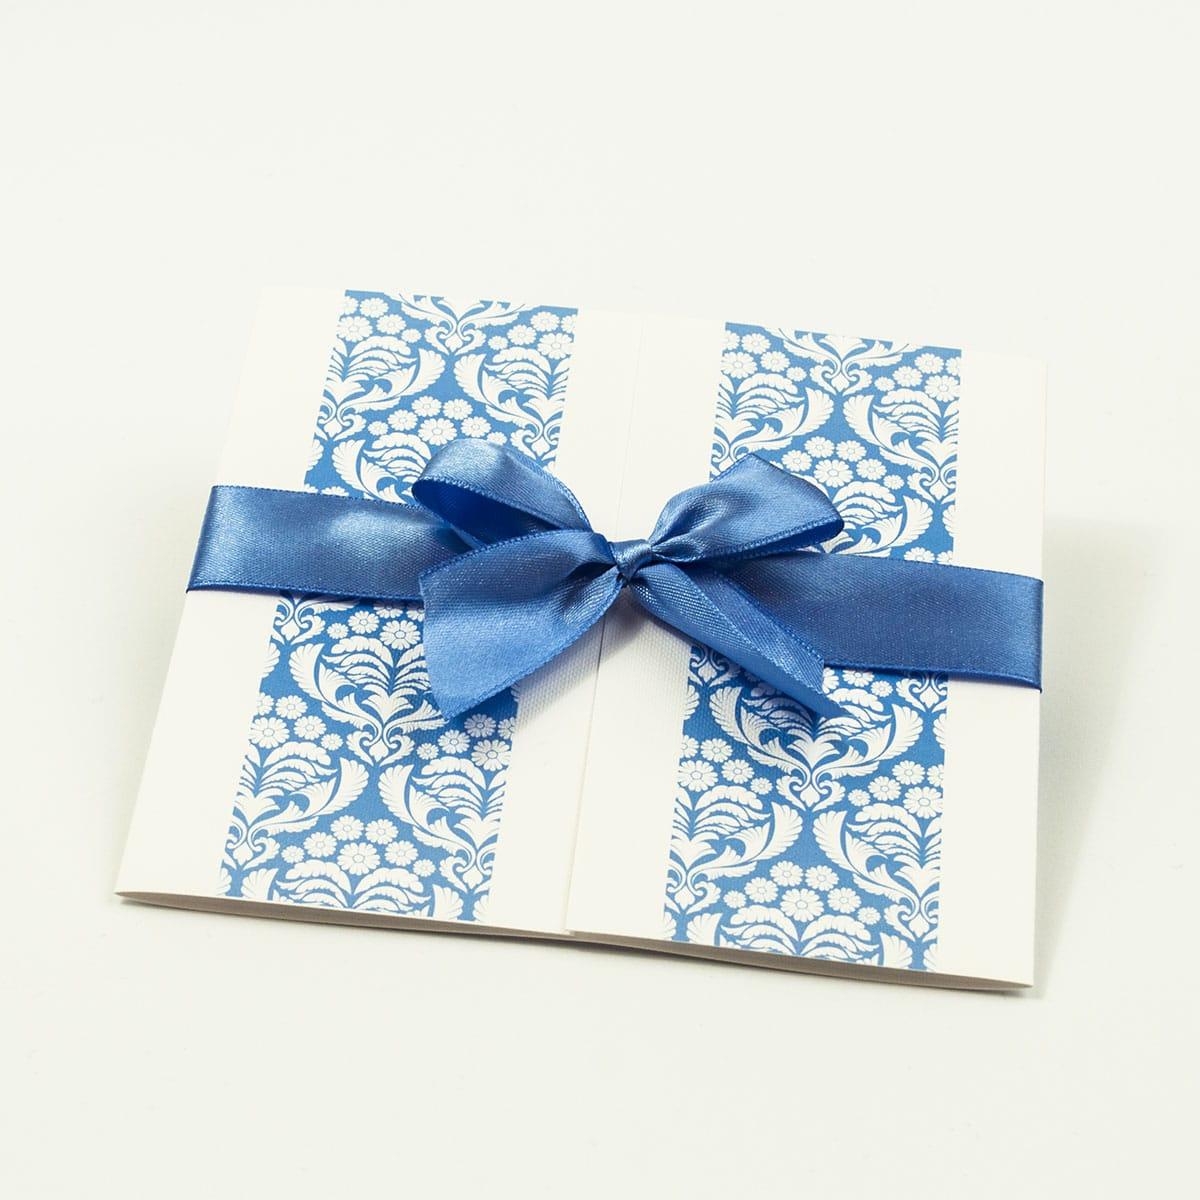 Zaproszenia z błękitno-białym ornamentem florystycznym, przewiązane wstążką po środku. ZAP-21-10